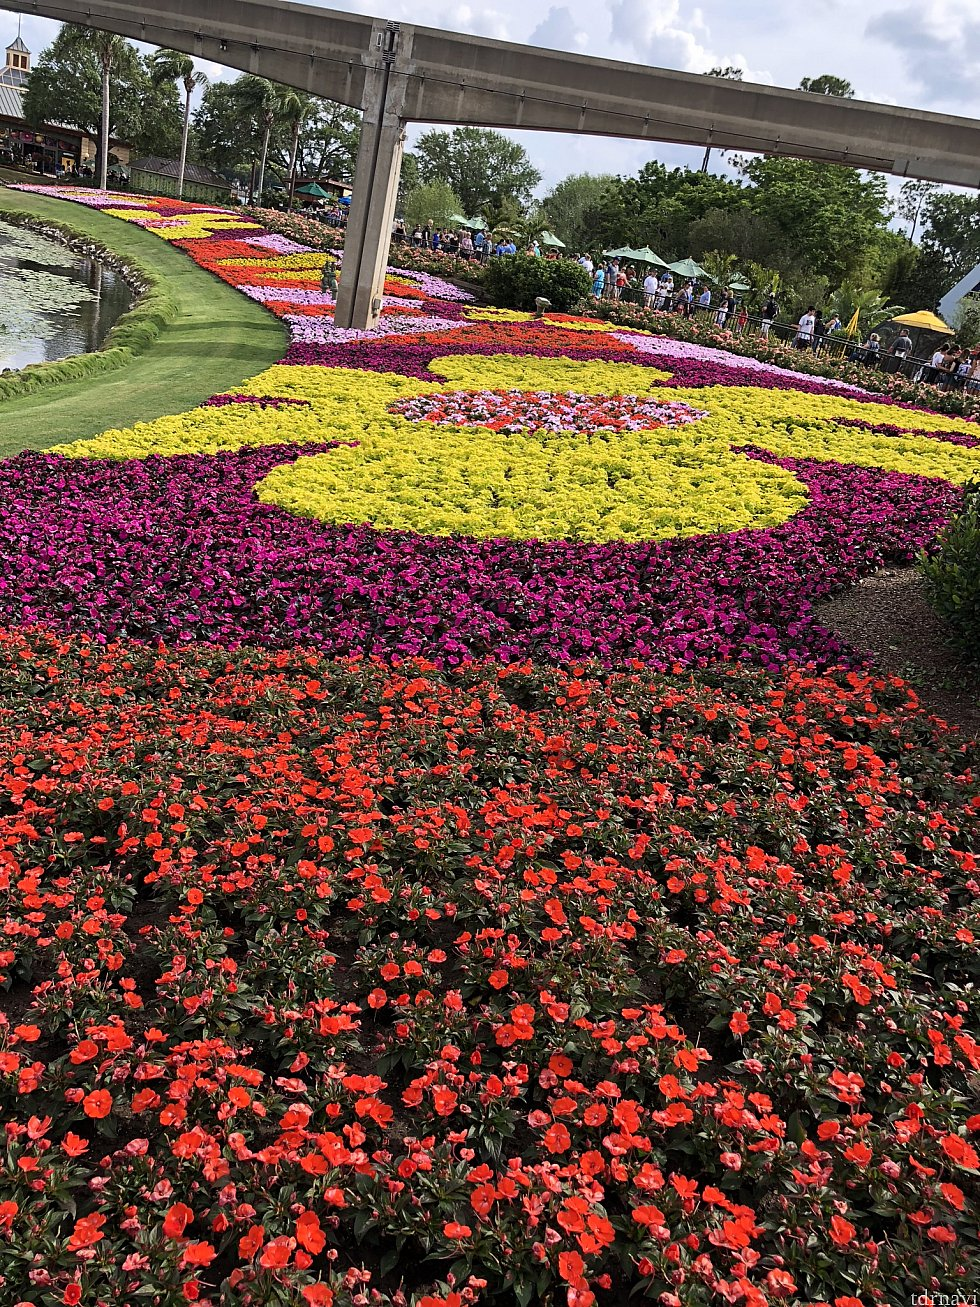 パーク全体が春一色!毎年この花壇の奇麗さには圧倒されます。